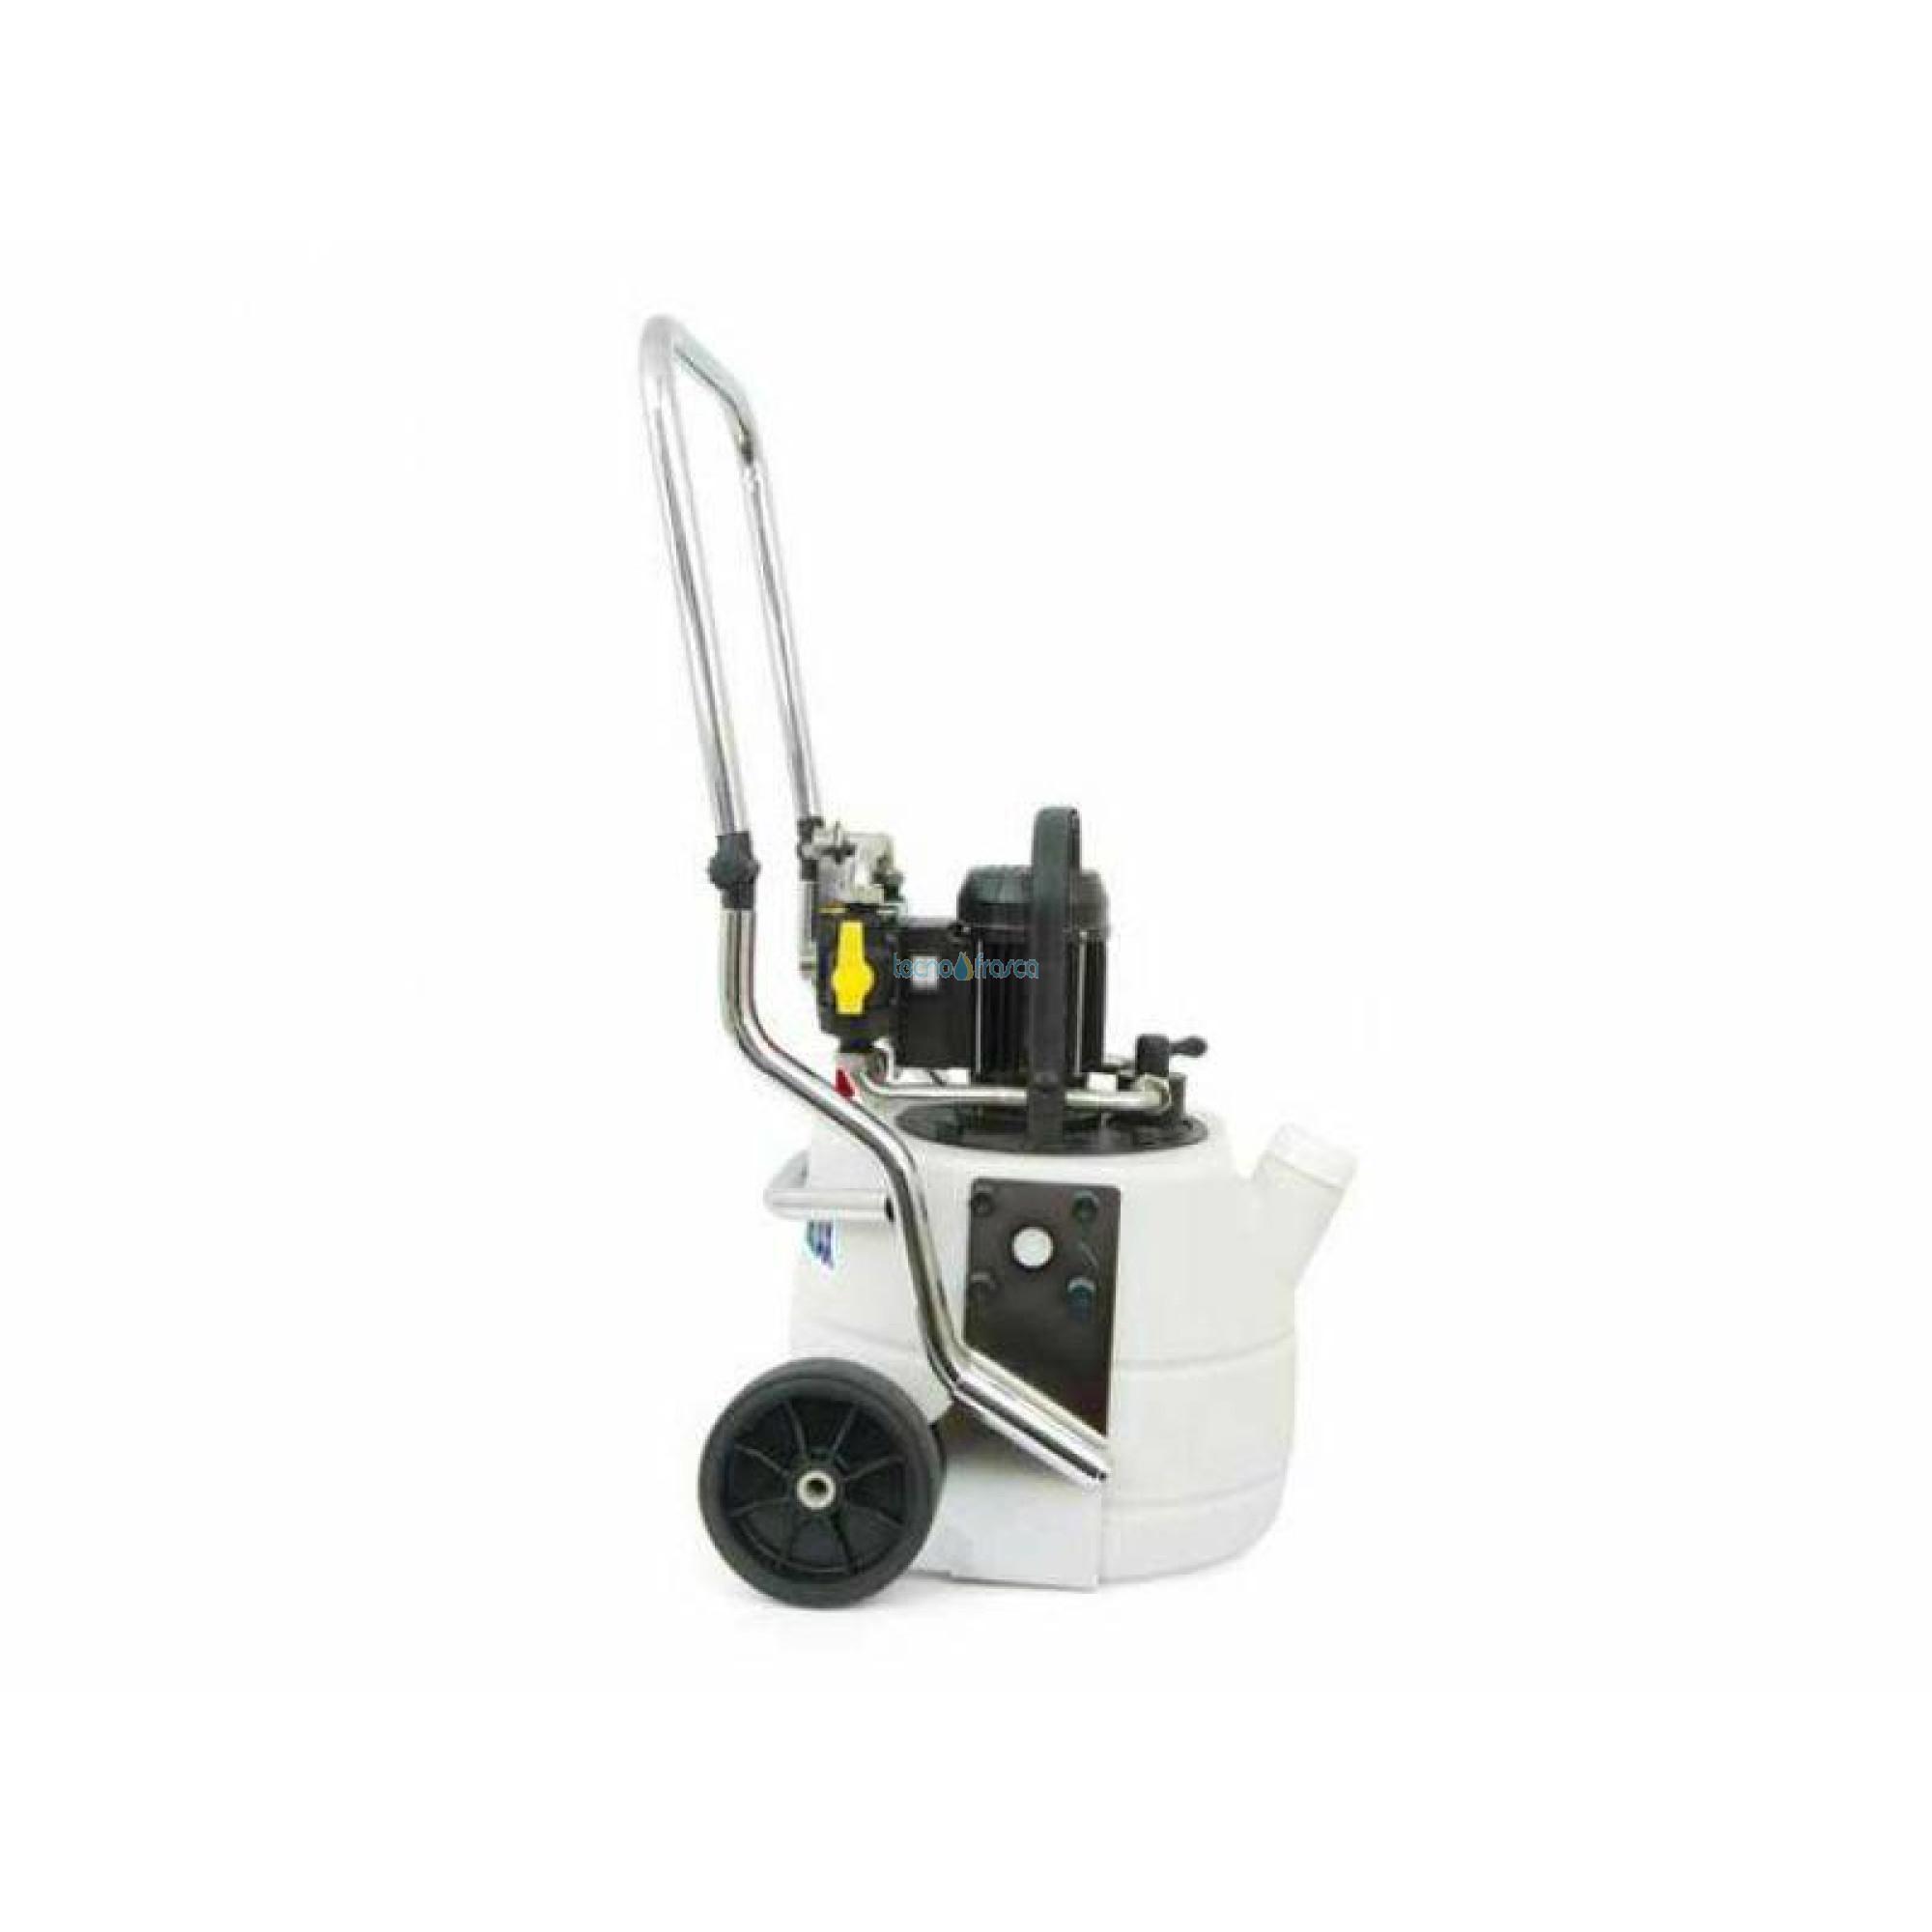 Aquamax pompa promax 30 supalusch new con trolley 10100062